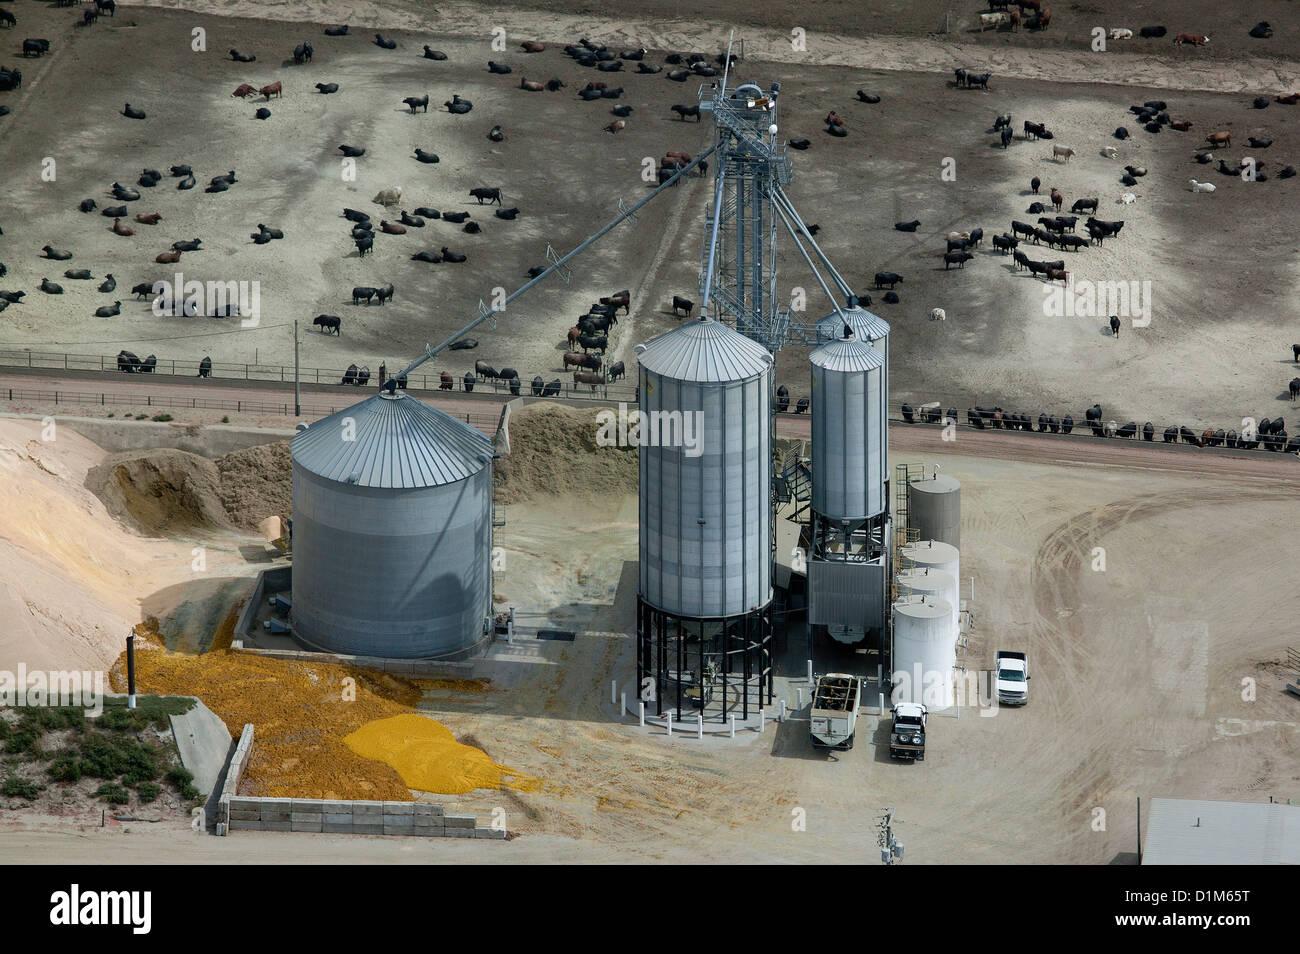 Fotografia aerea grano deposito bidoni bovini feedlot Nebraska Immagini Stock